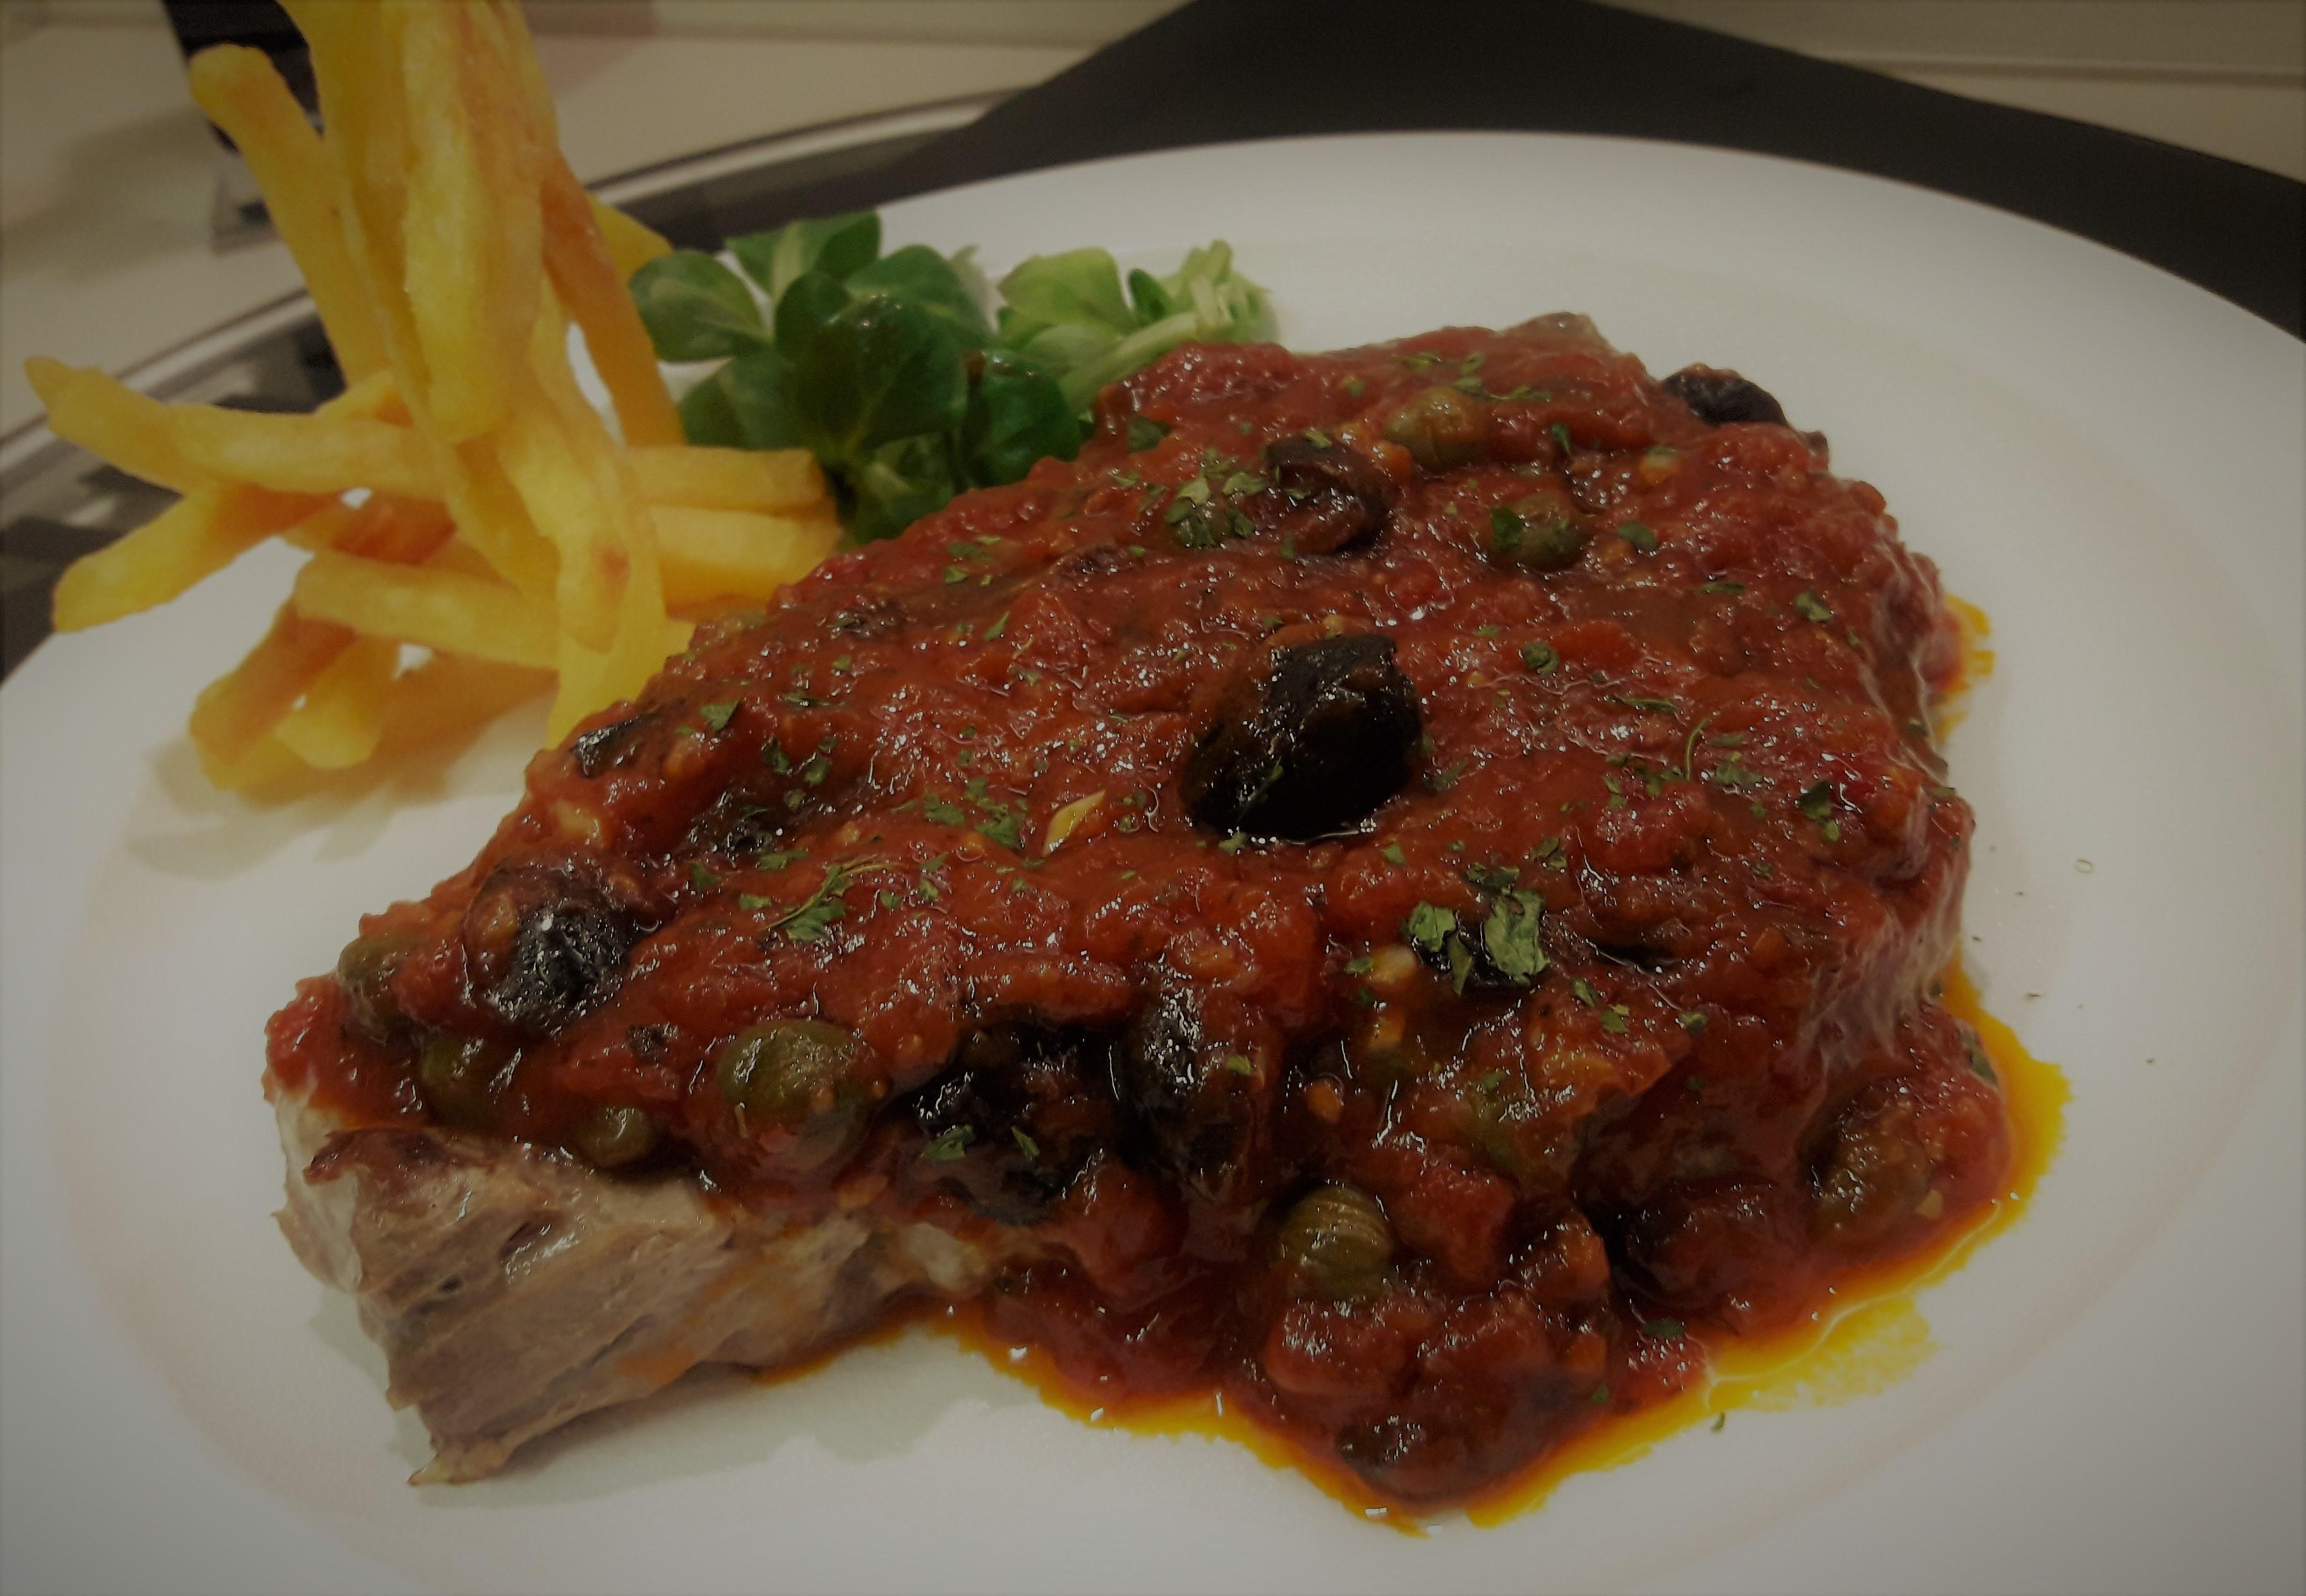 Steaks De Thon A La Puttanesca La Recette Facile Par Toques 2 Cuisine